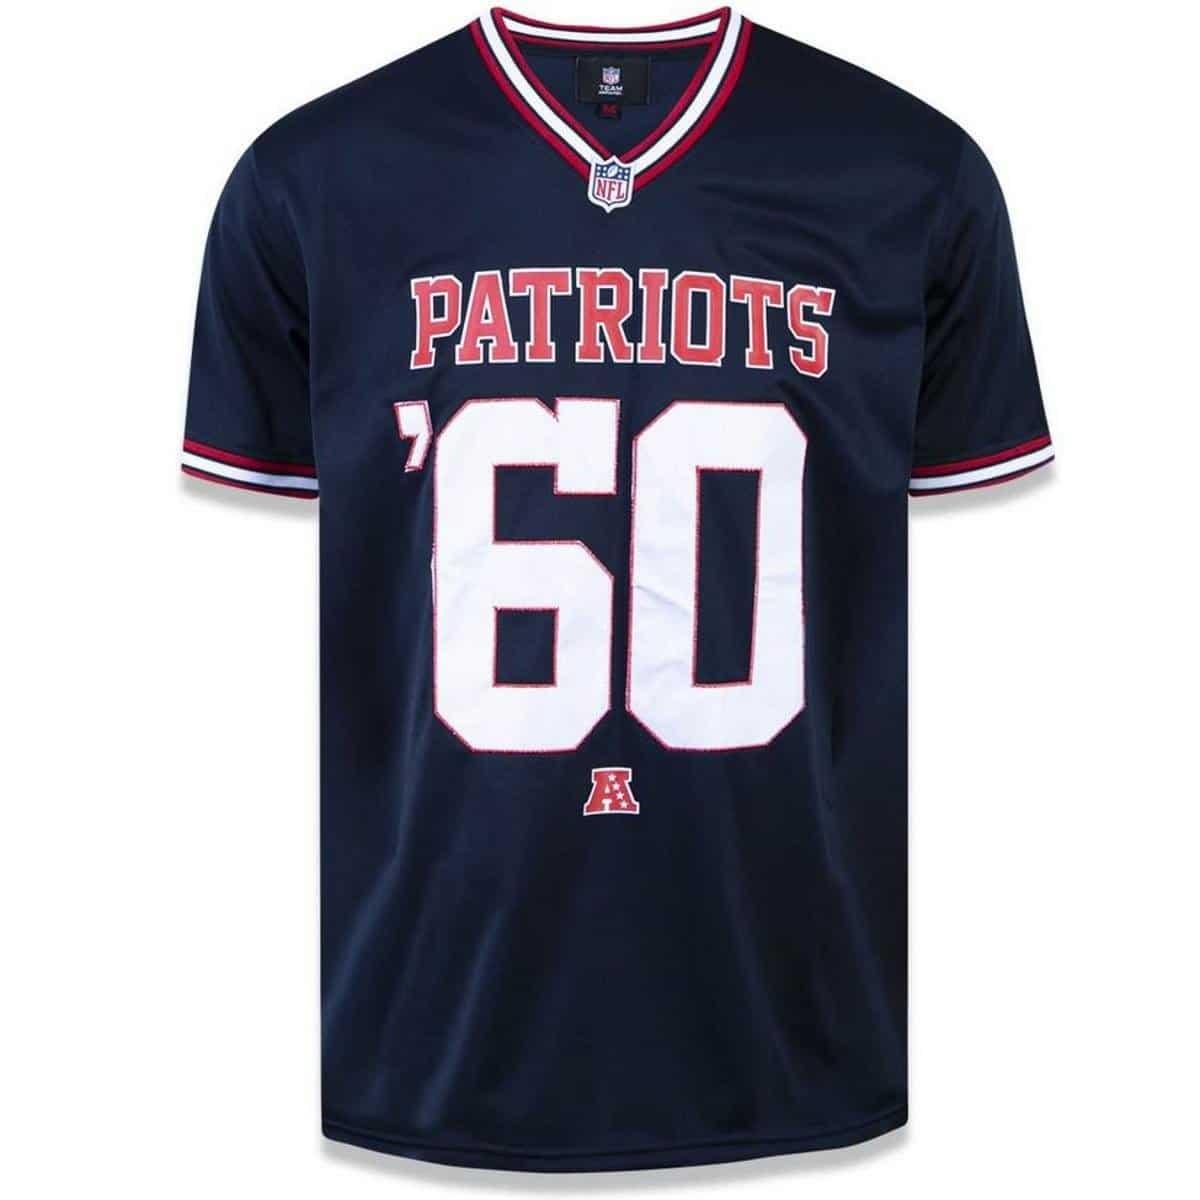 Camiseta do New England Patriots